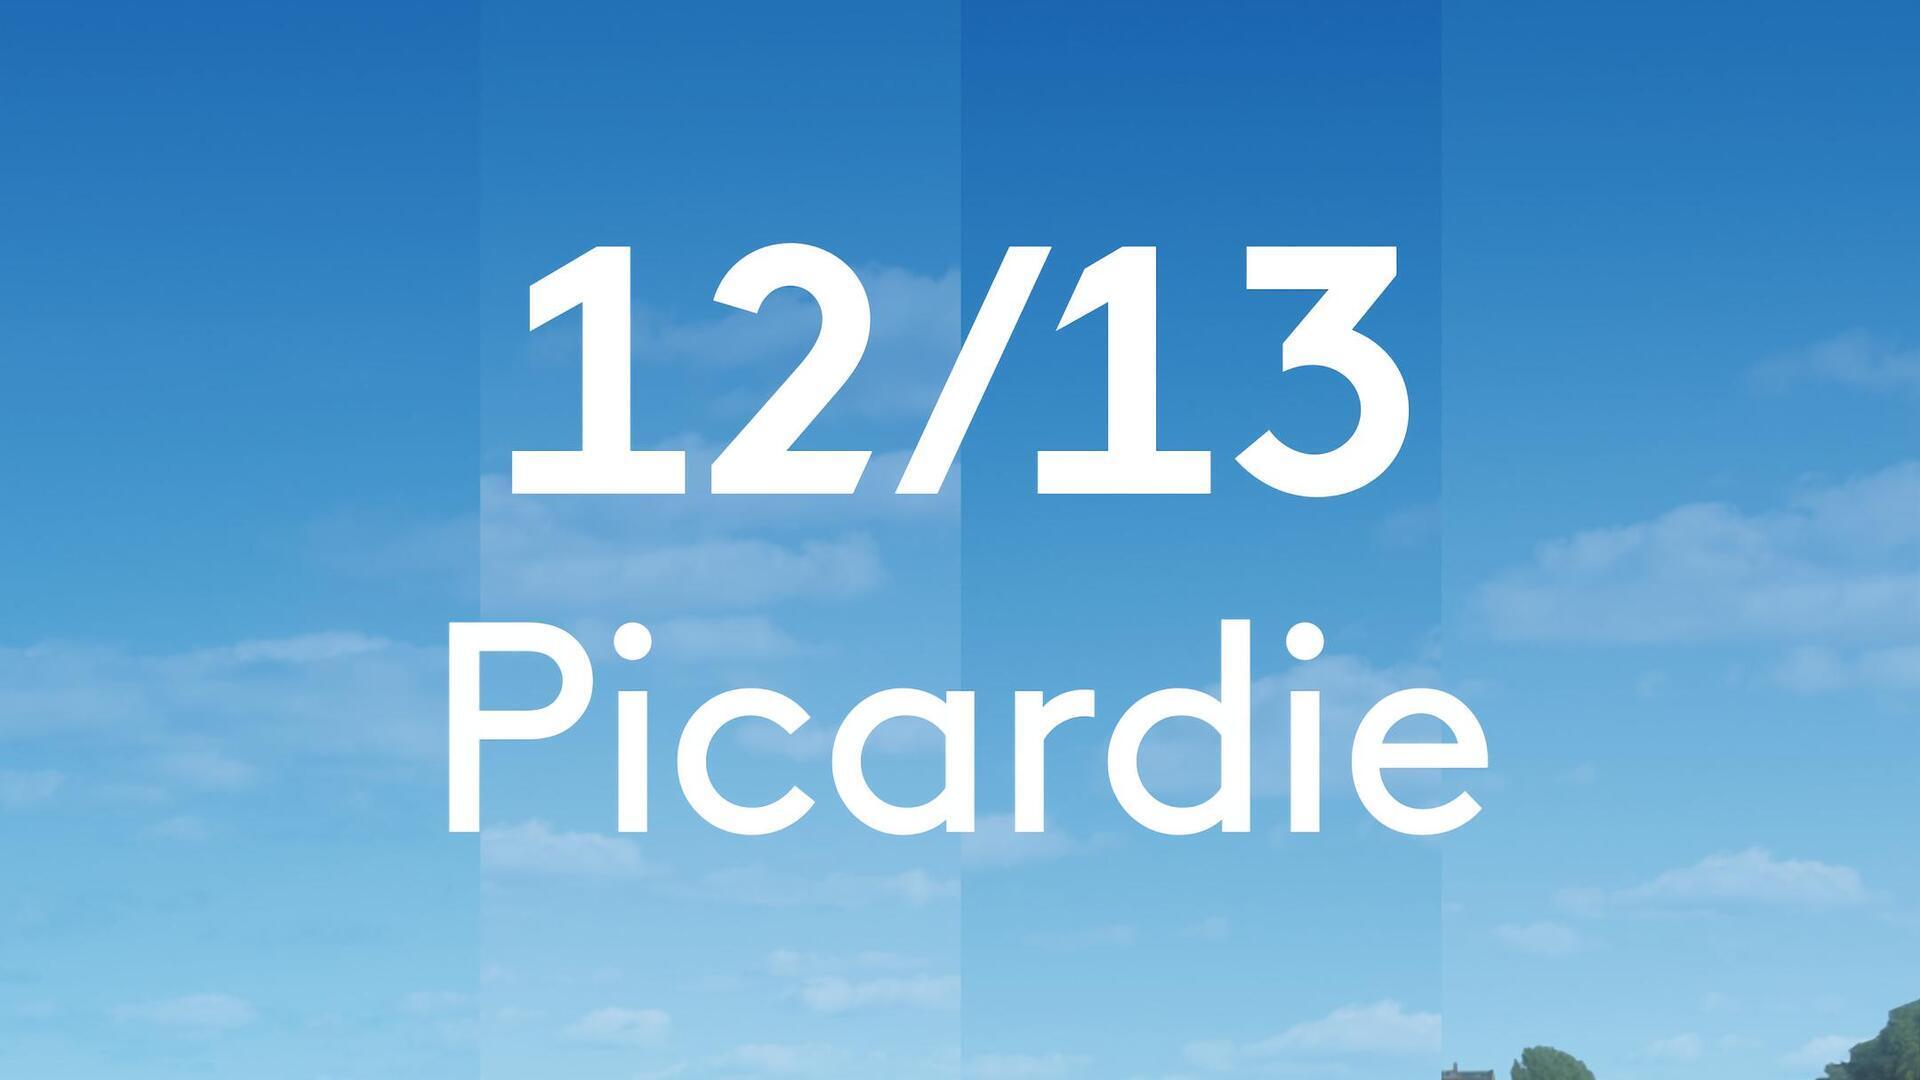 12/13 Picardie